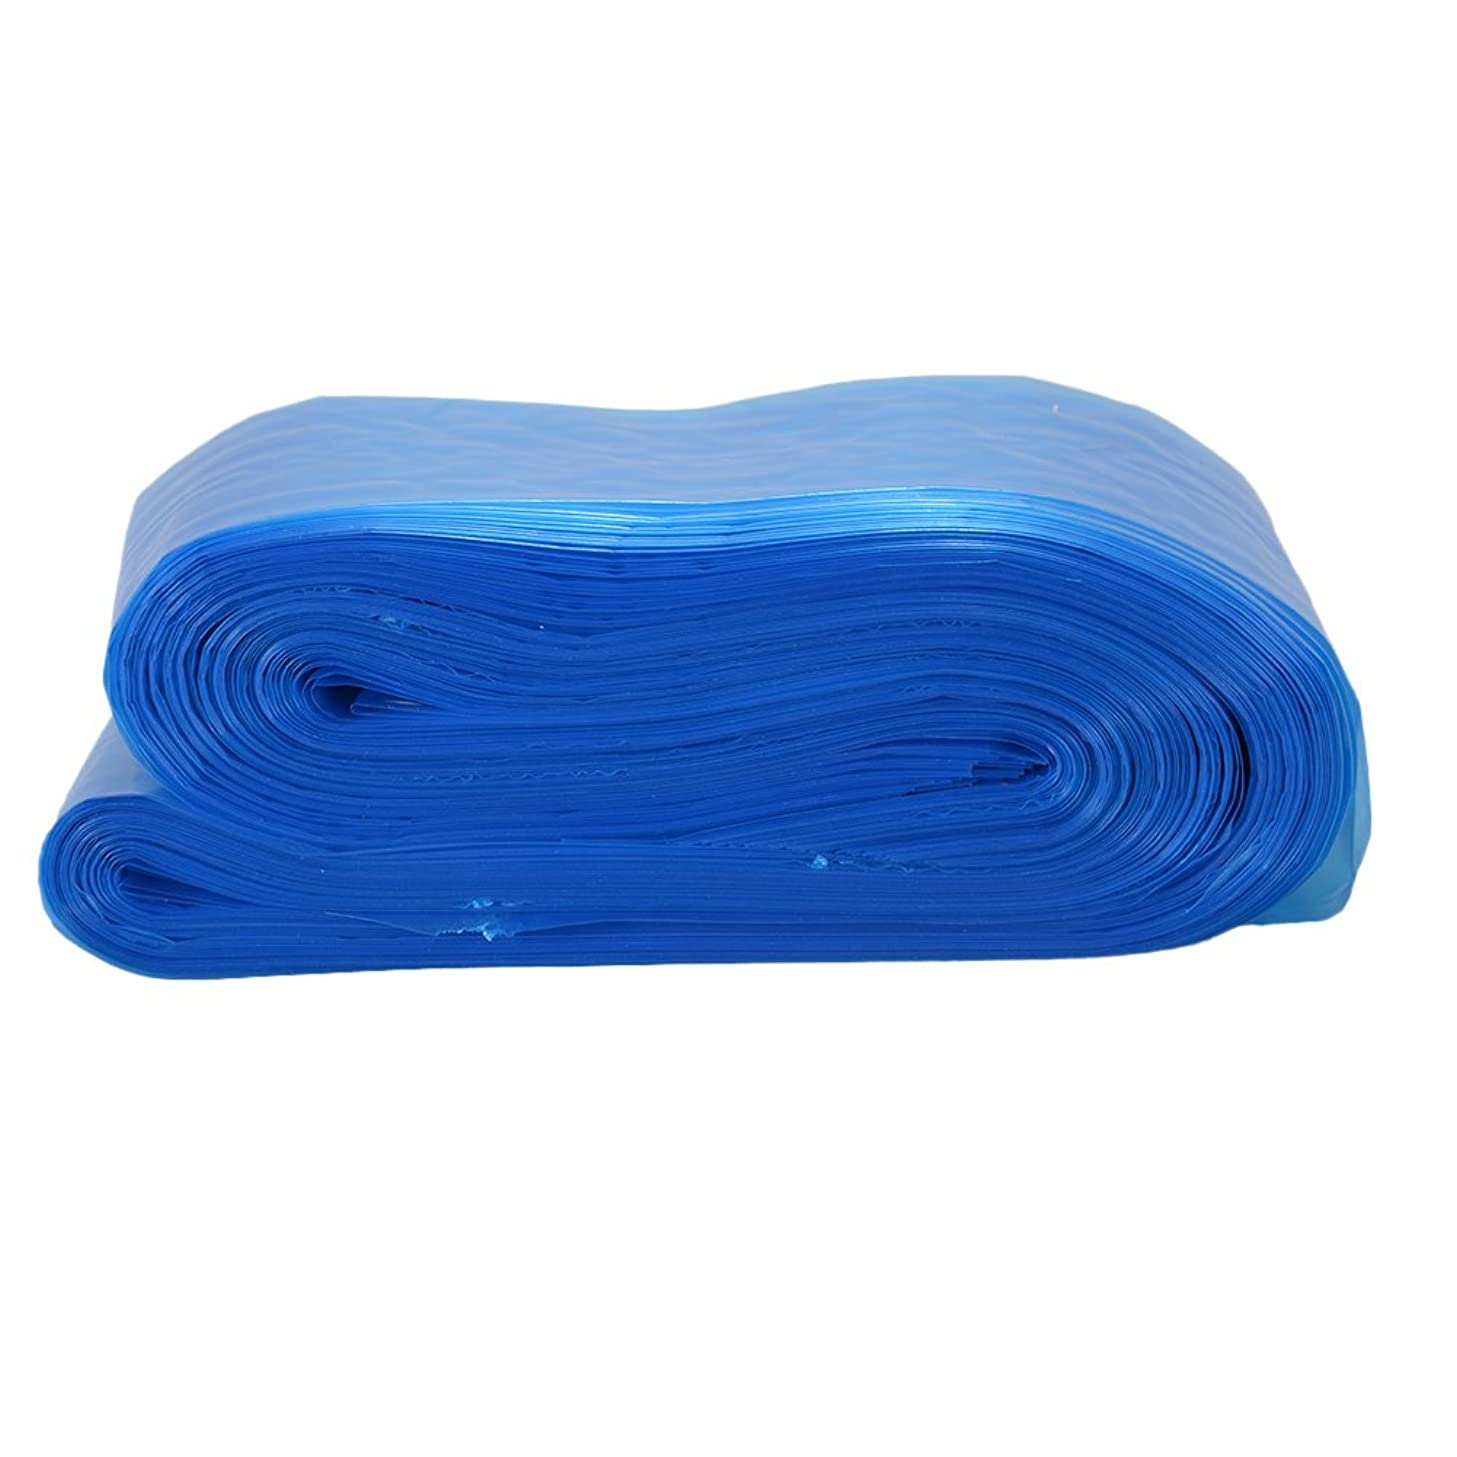 スロットミット休みRaiFu タトゥークリップカバー バッグ タトゥーアクセサリー コード スリーブバッグ タトゥーマシンのため 使い捨て プロフェッショナル ブルー 100PCS/パック